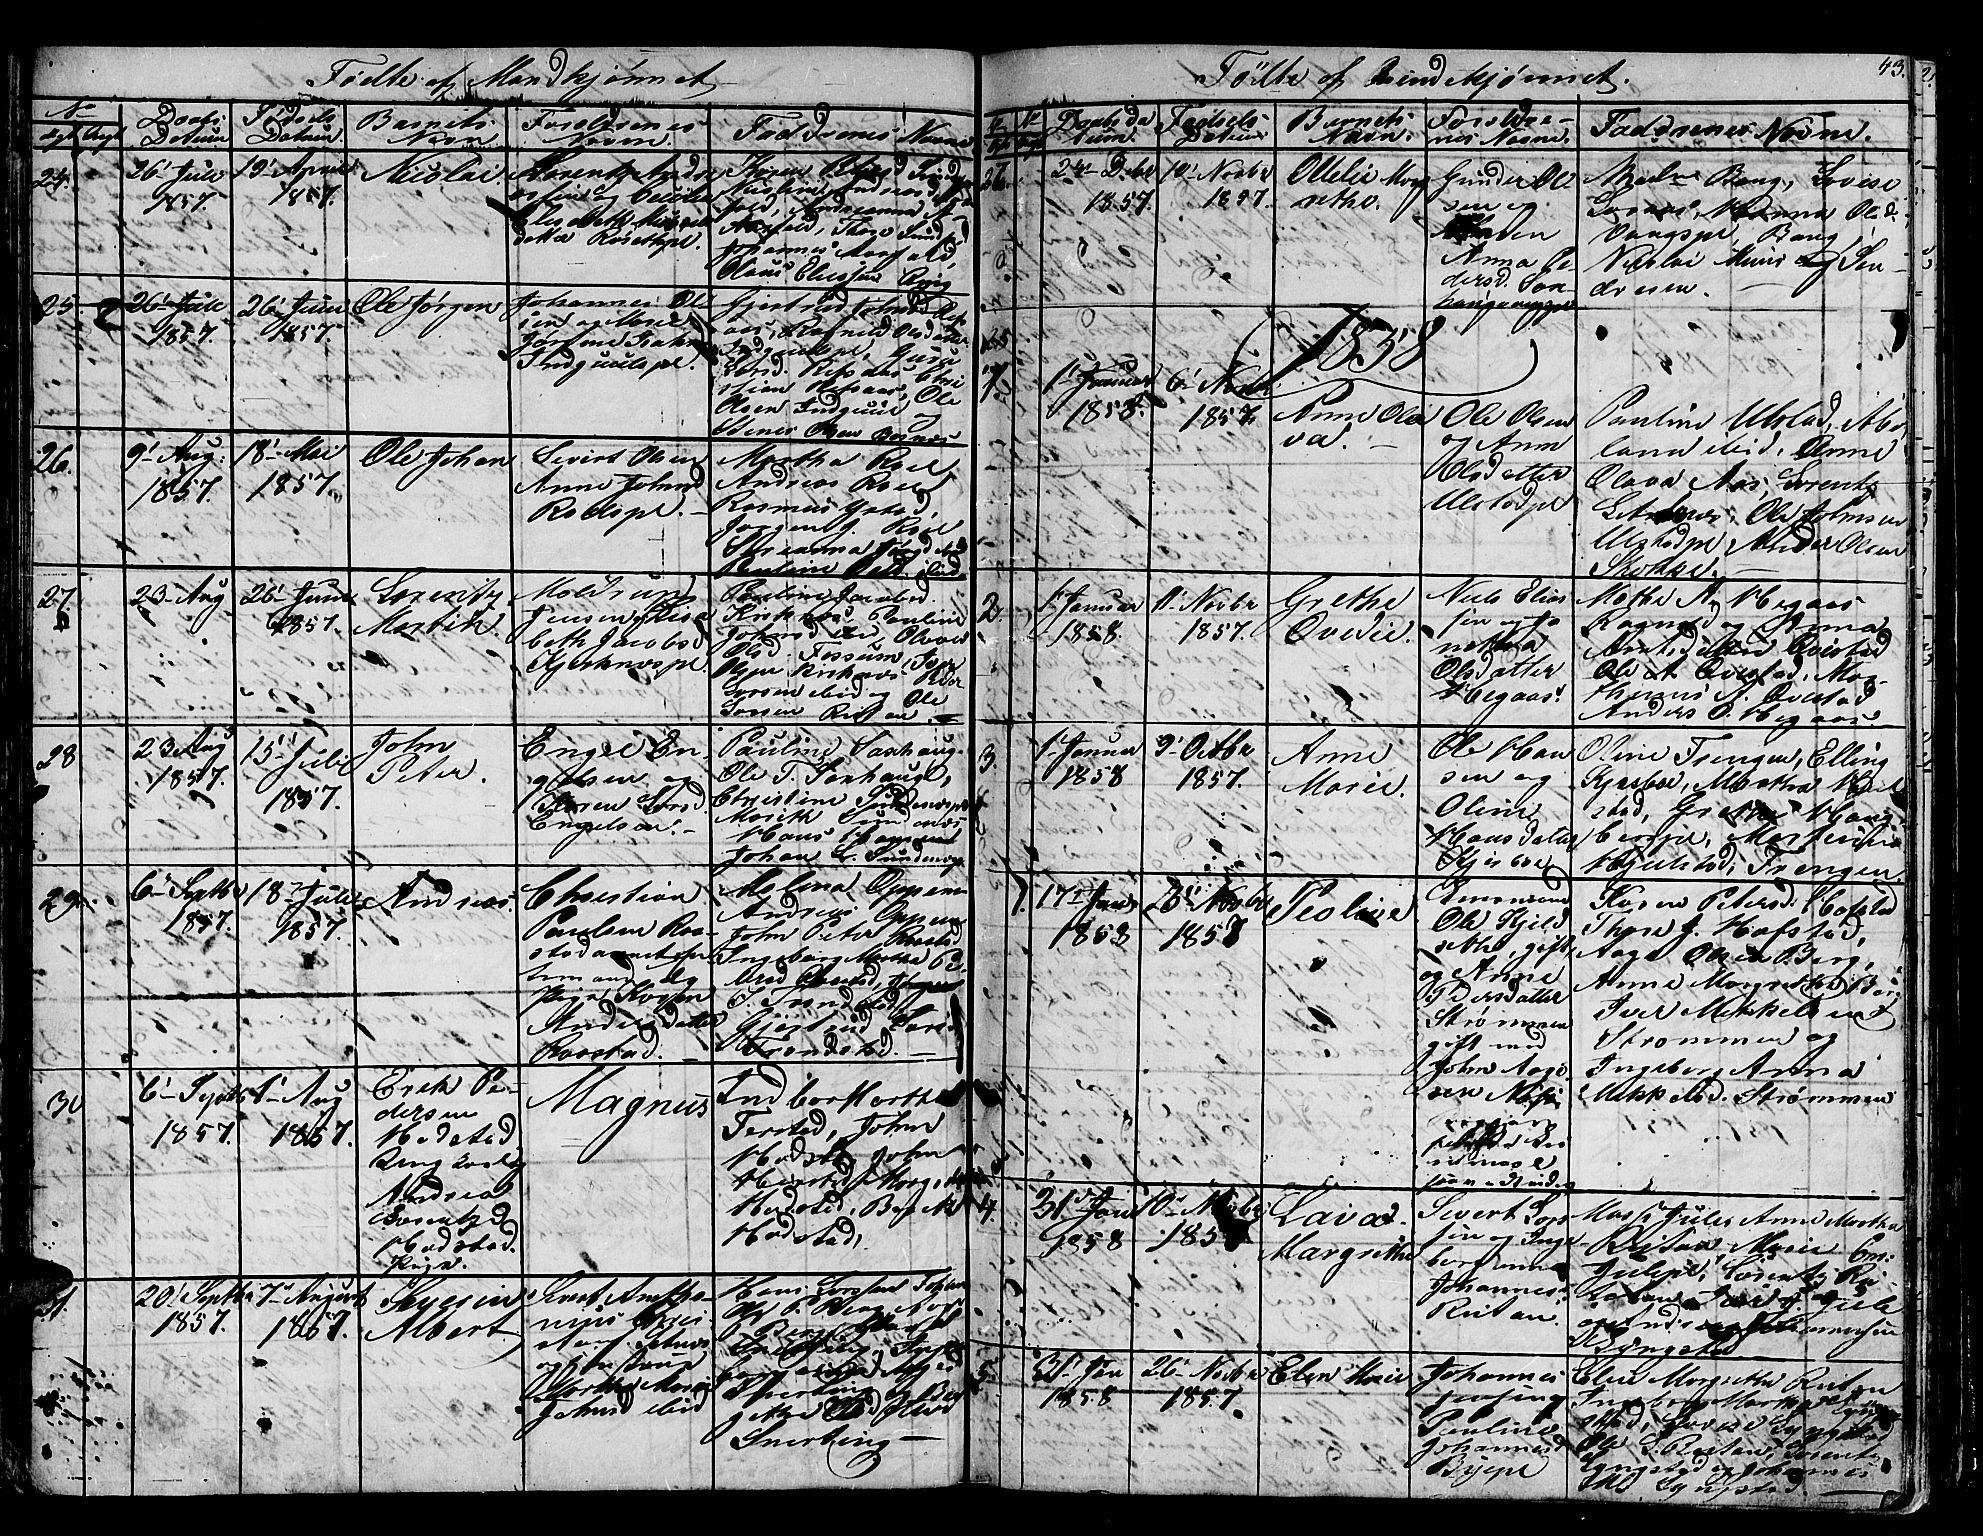 SAT, Ministerialprotokoller, klokkerbøker og fødselsregistre - Nord-Trøndelag, 730/L0299: Klokkerbok nr. 730C02, 1849-1871, s. 43